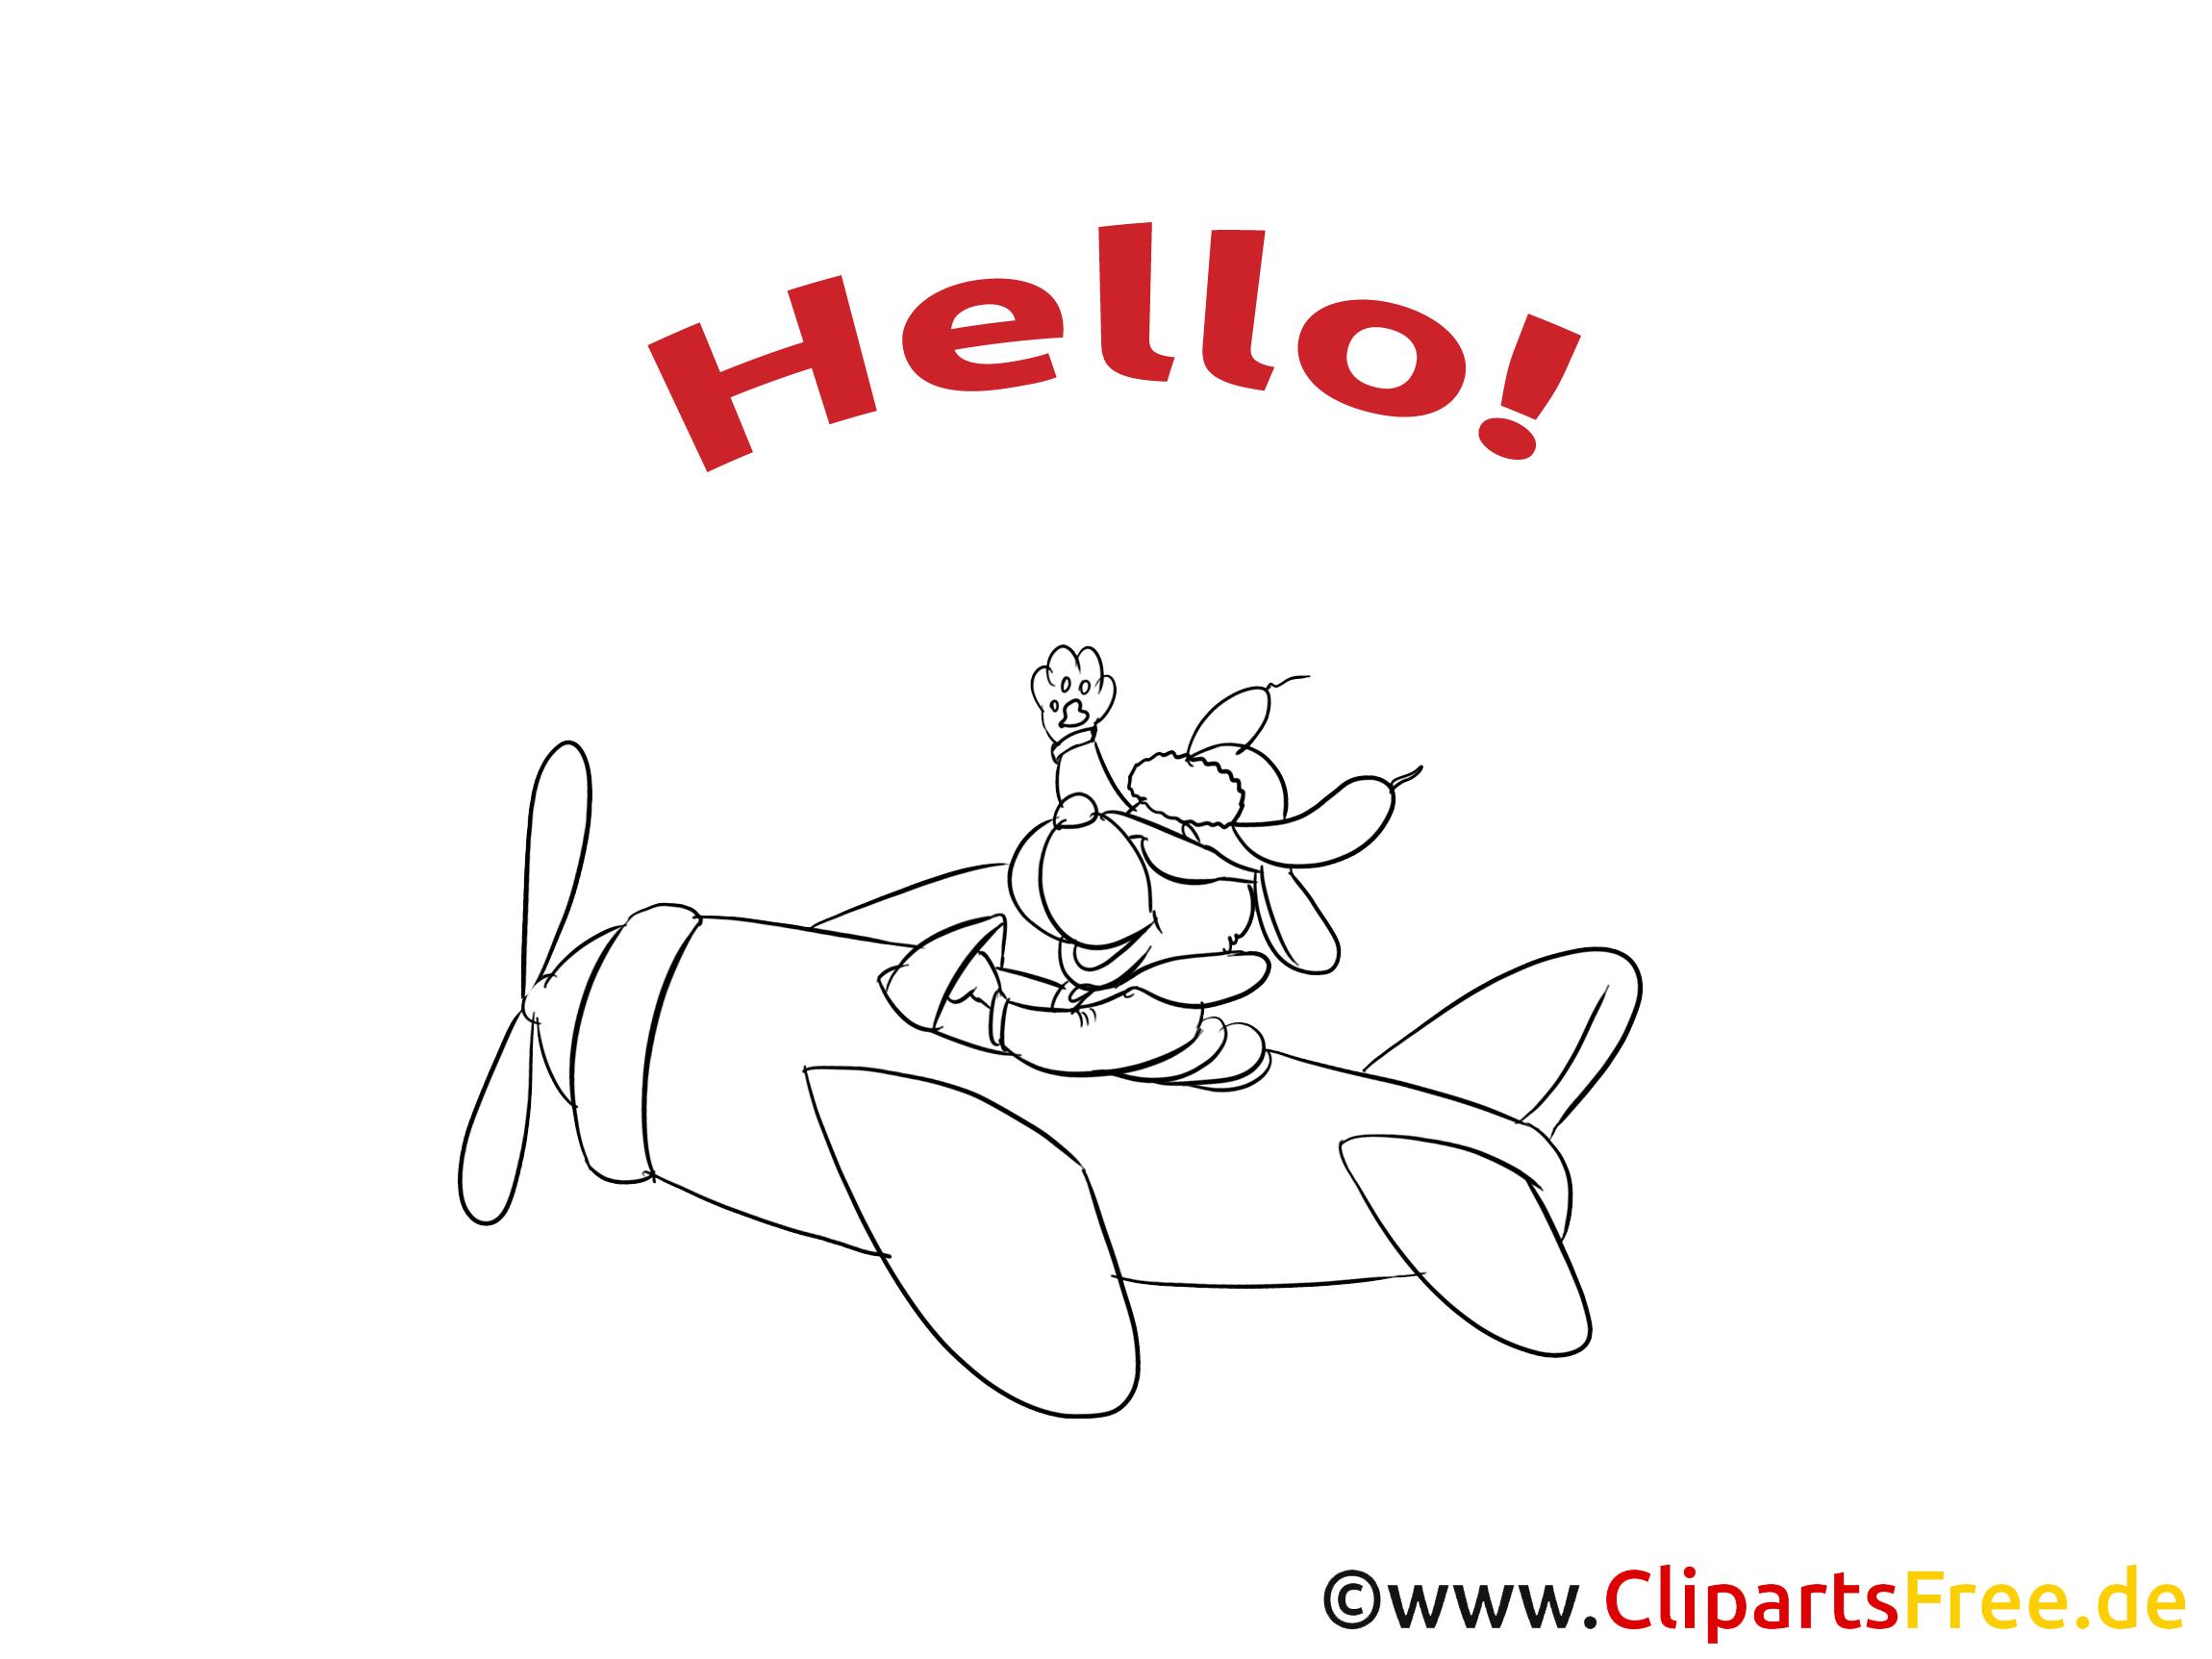 Avion clip art à colorier - Salut dessin